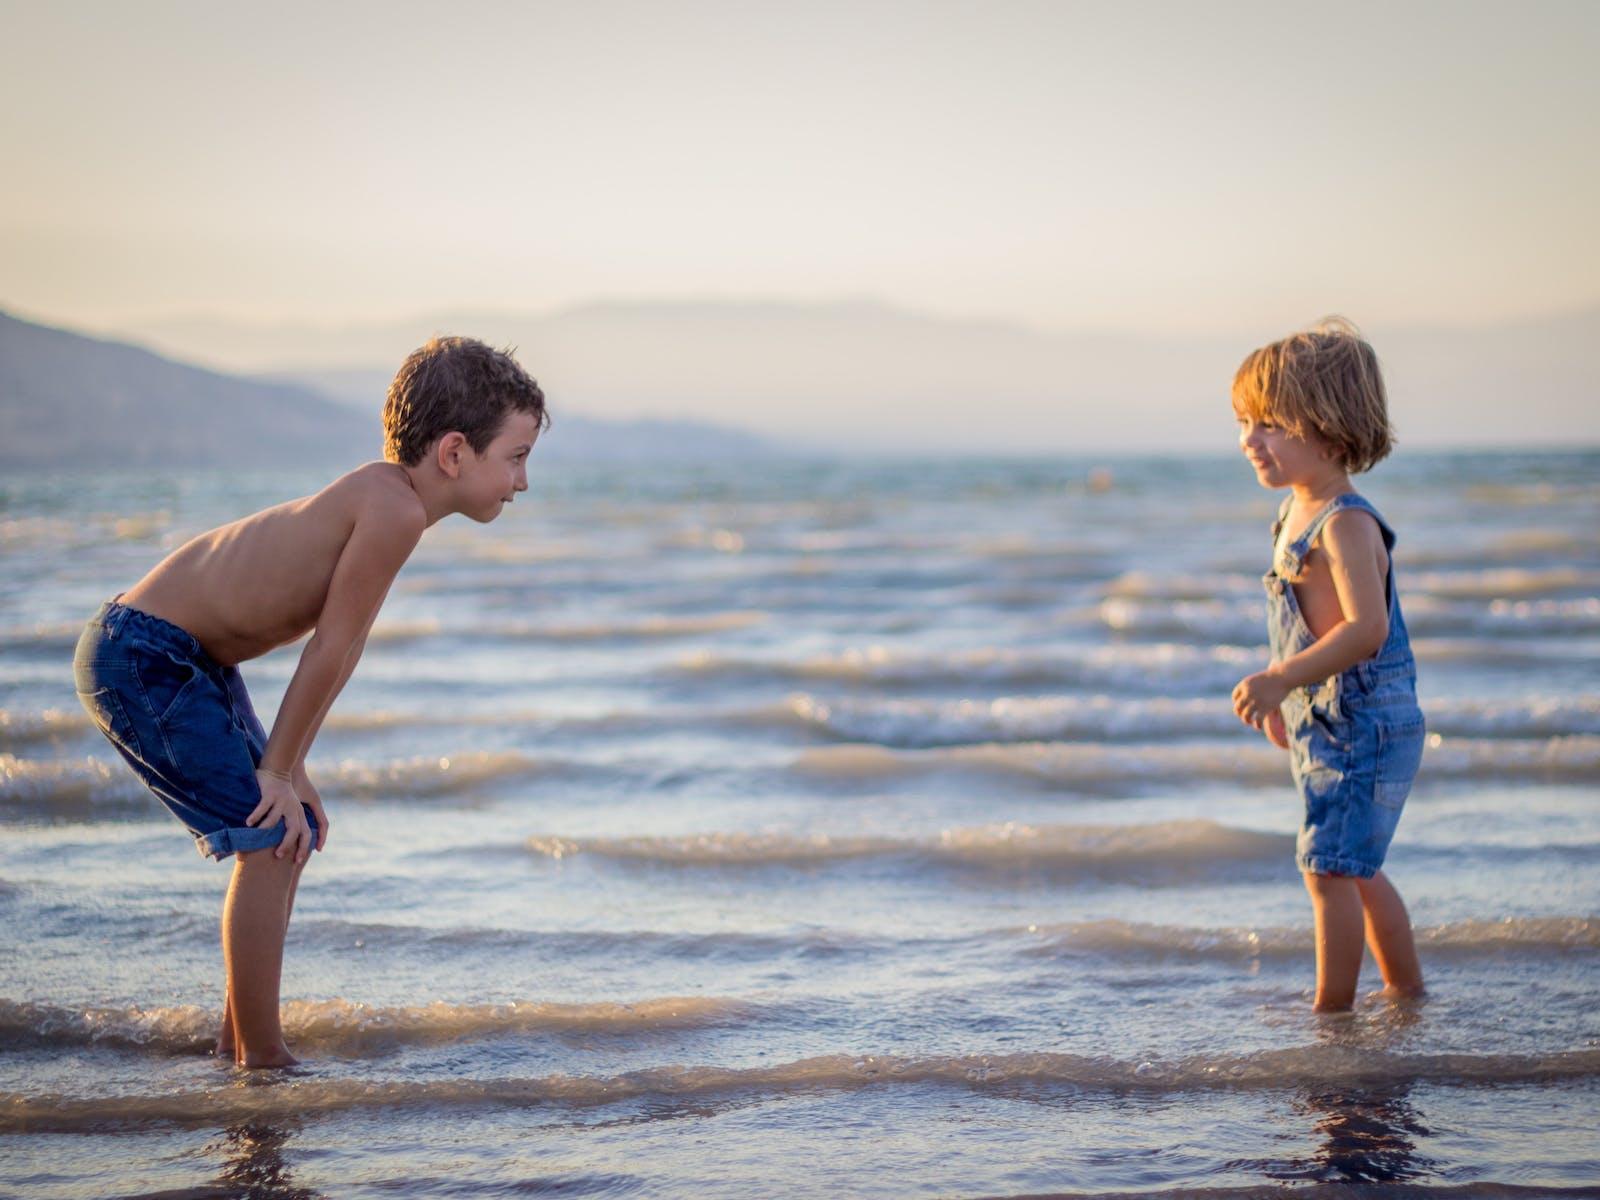 siblings play on the beach